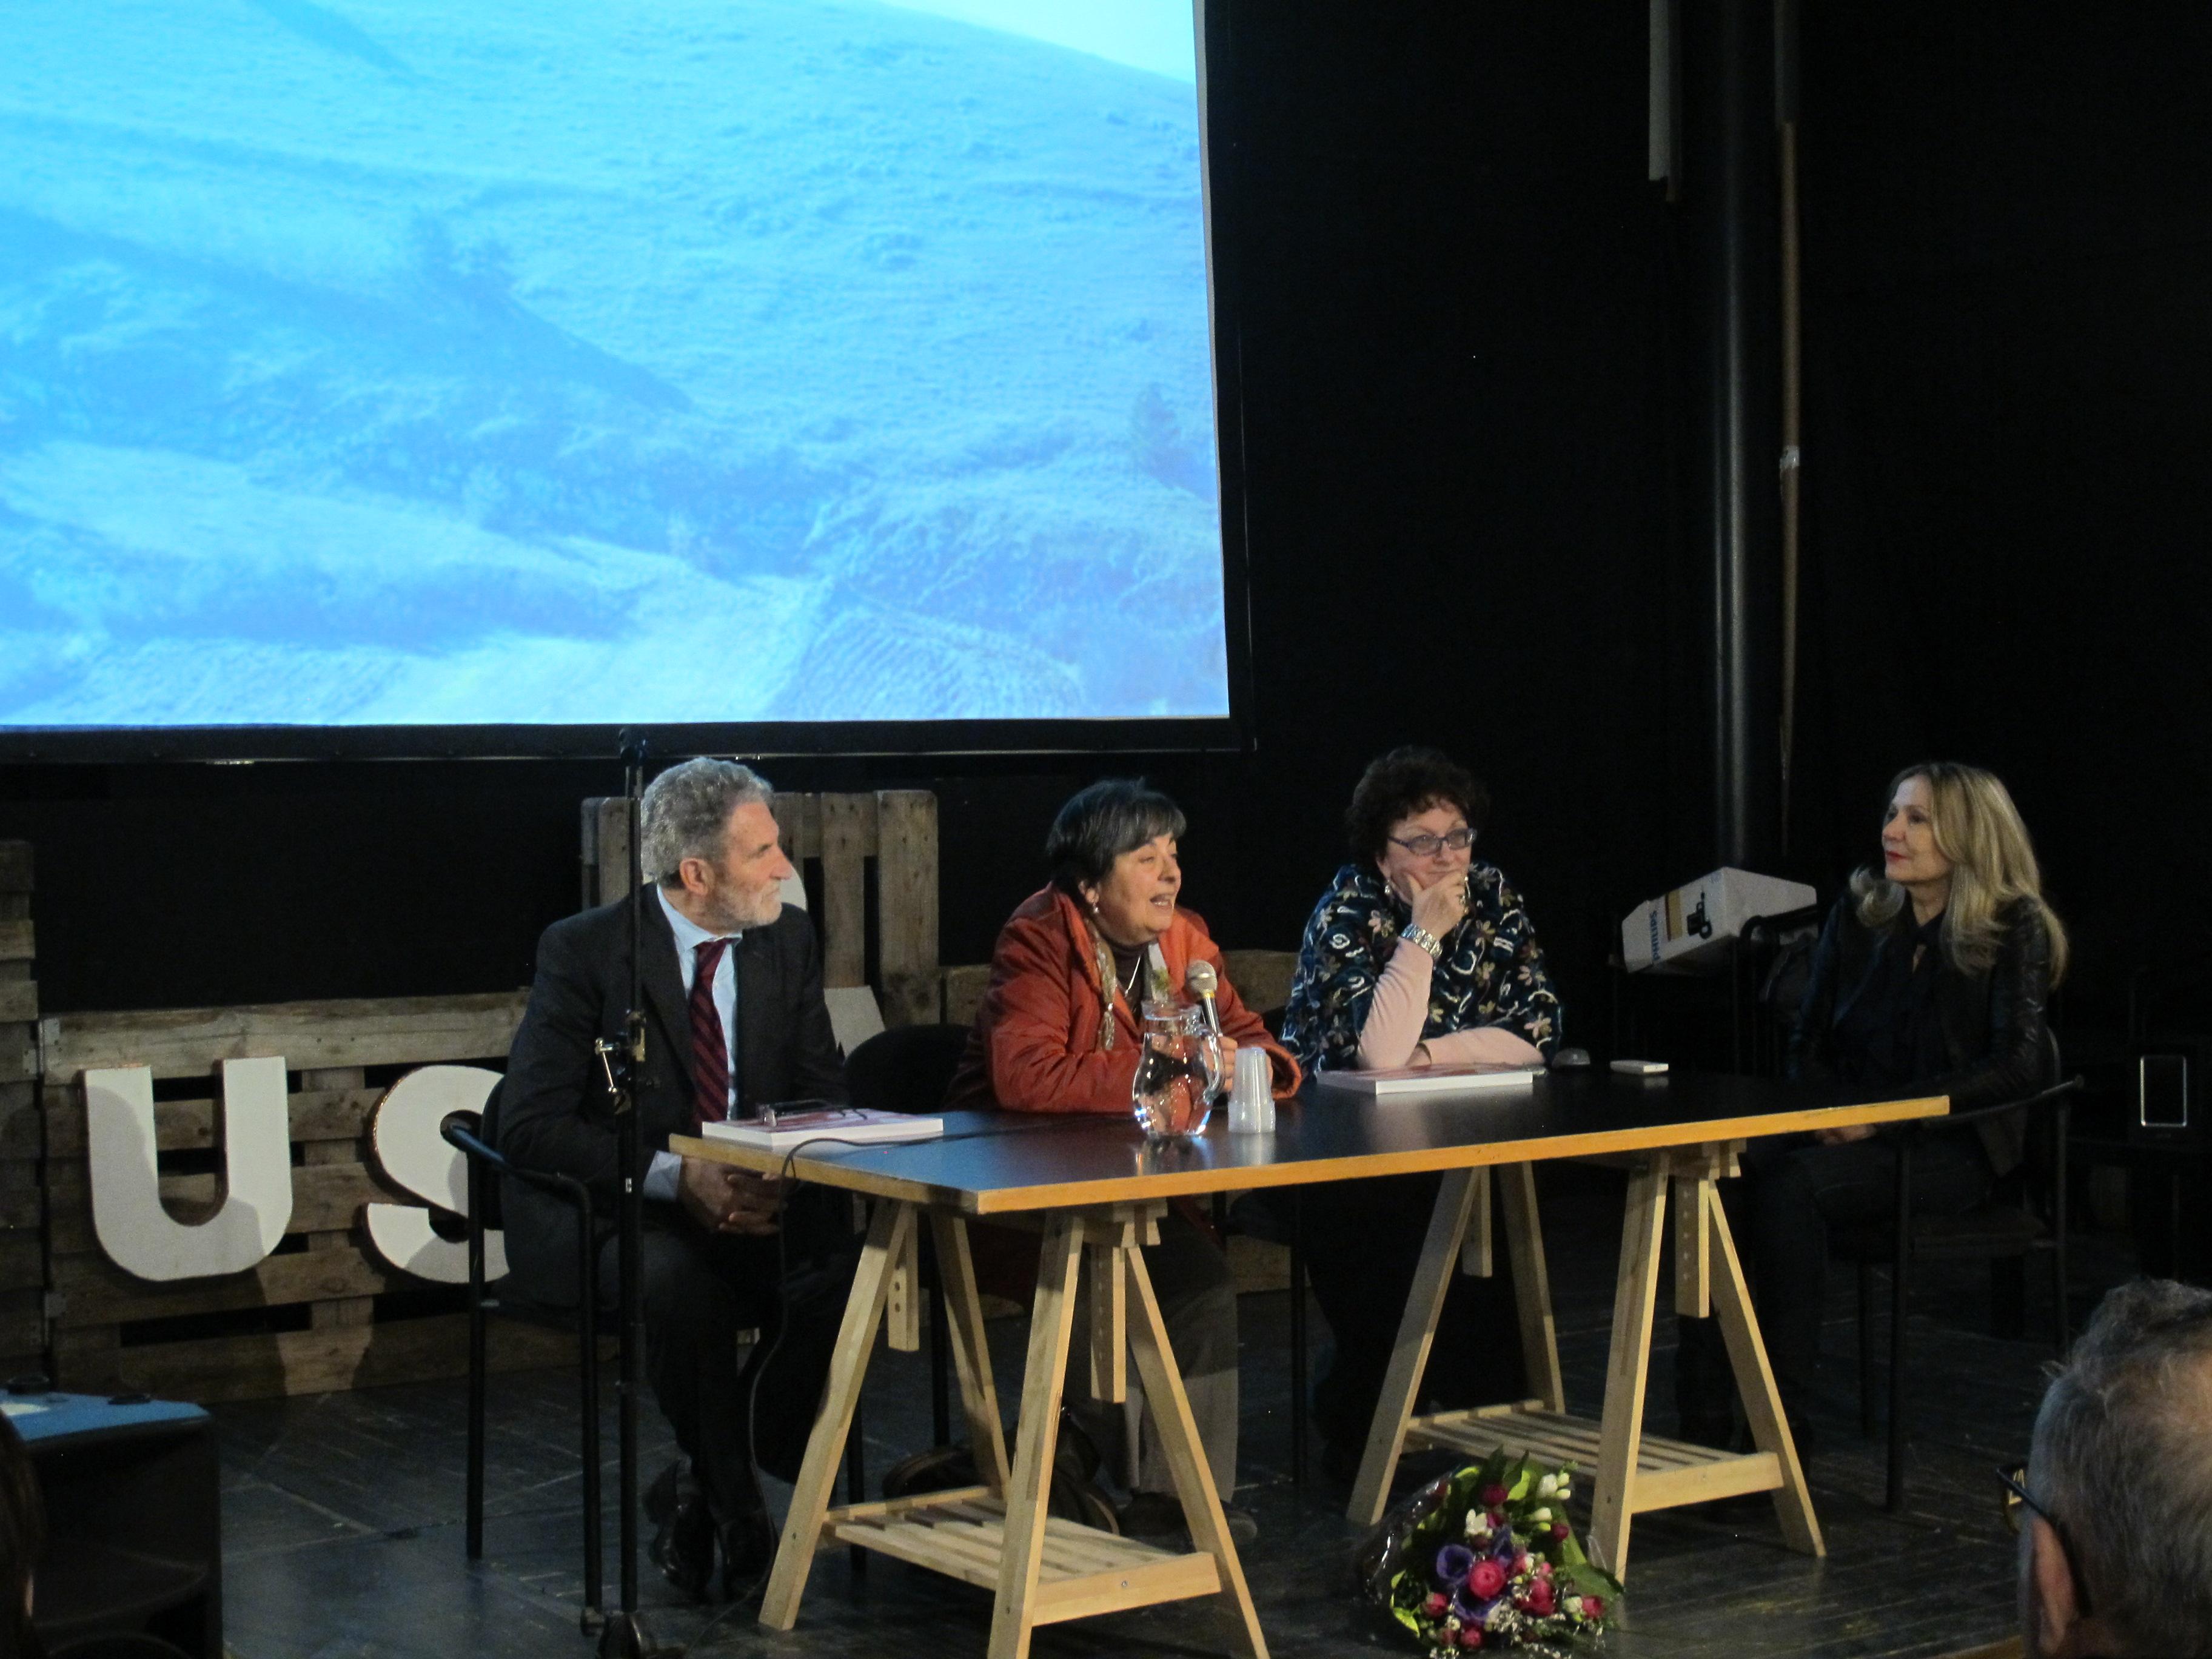 Da sinistra: Goffredo Palmerini, Elisabetta Leone Annamaria Barbato Ricci, Bruna Bontempo